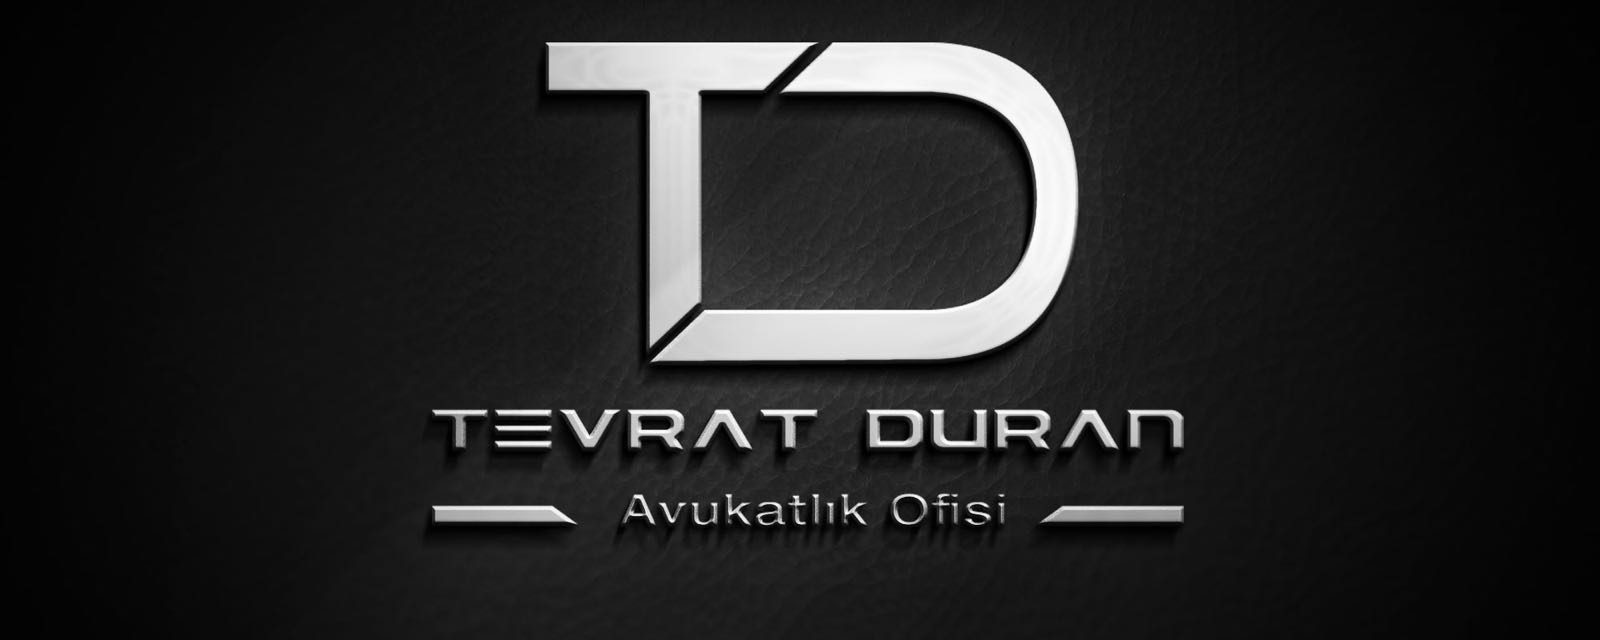 Yargıtay 20.Hukuk Dairesi, İstanbul'a bağlı Arnavutköy ilçesinin İş Mahkemesi bakımından hangi adliyeye bağlı olduğuna 2  kararı ile farklı yanıt verdi.